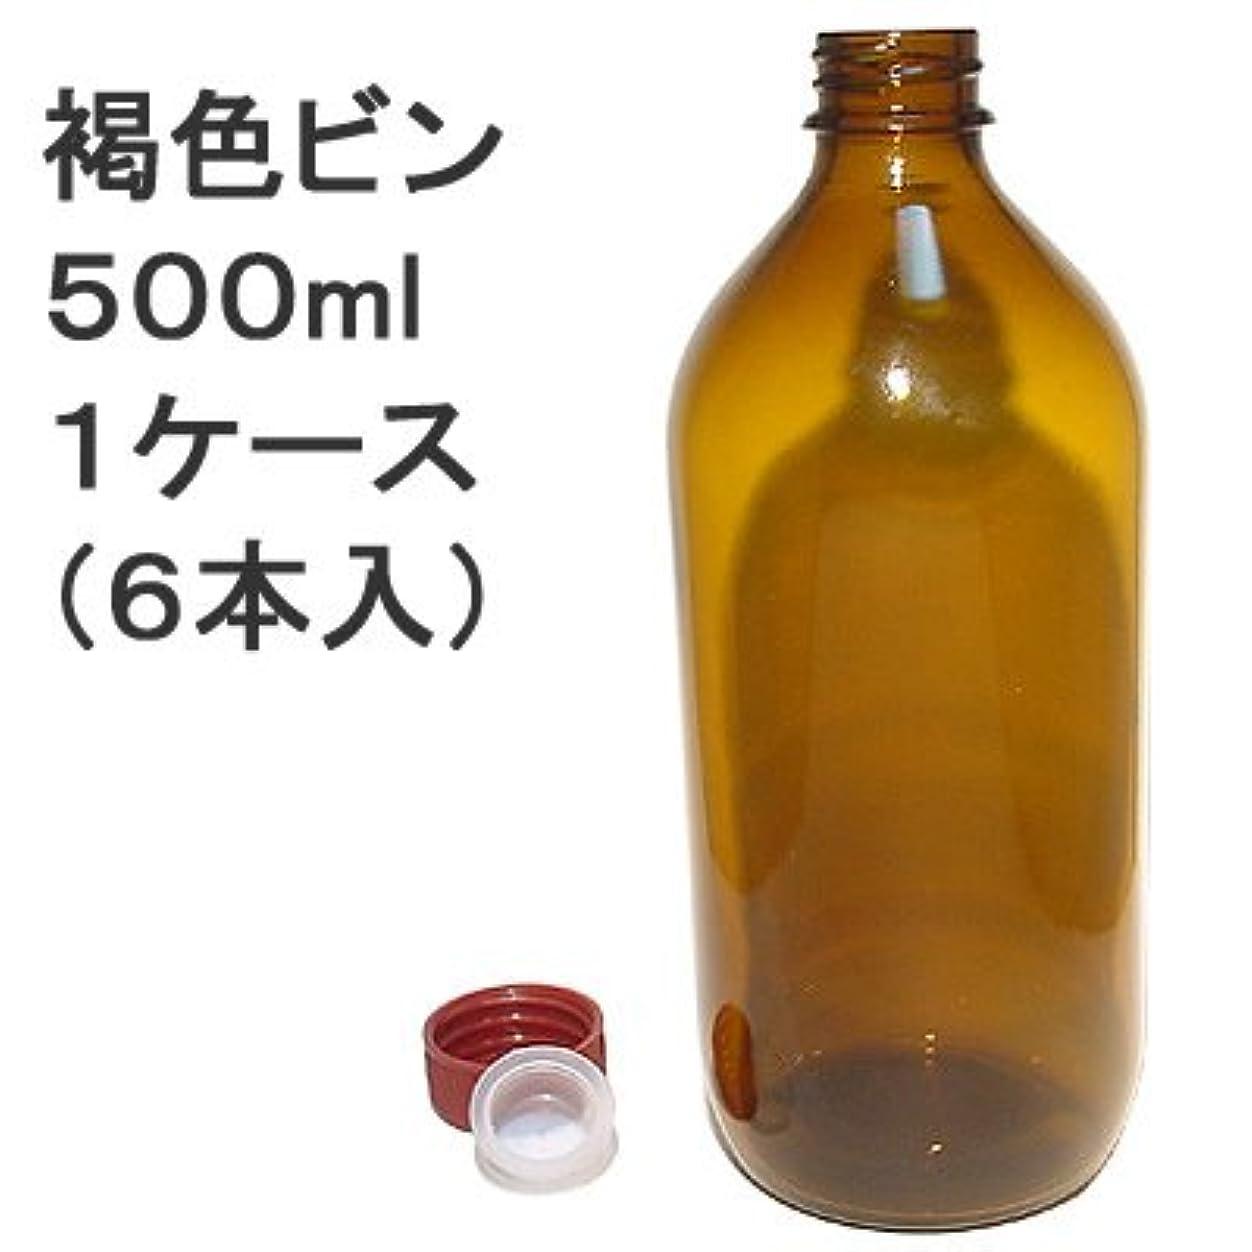 遮光瓶(中栓付) 褐色 500ml 1ケース(6本入)